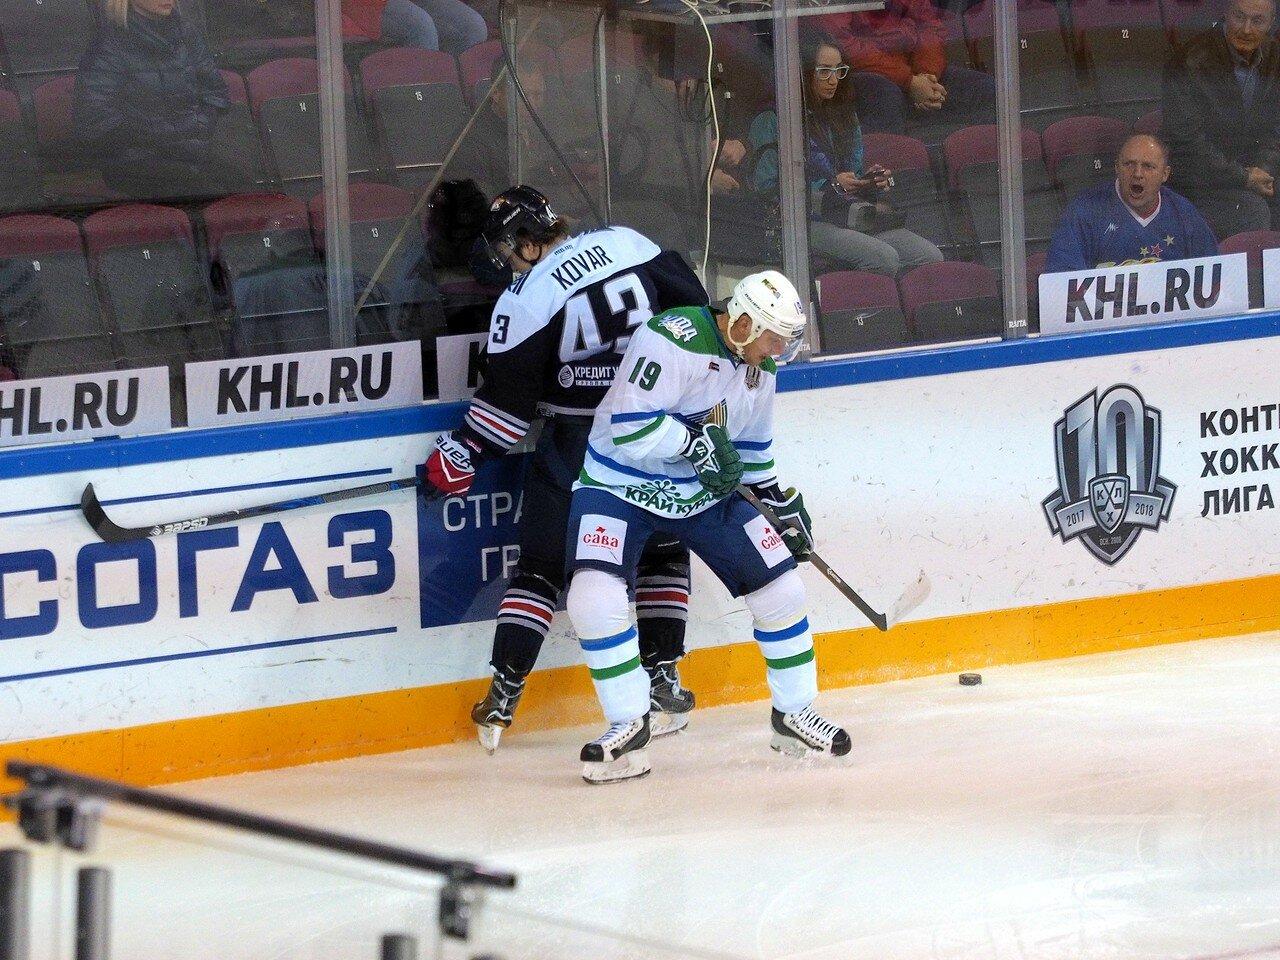 74 Металлург - Салават Юлаев 23.09.2017